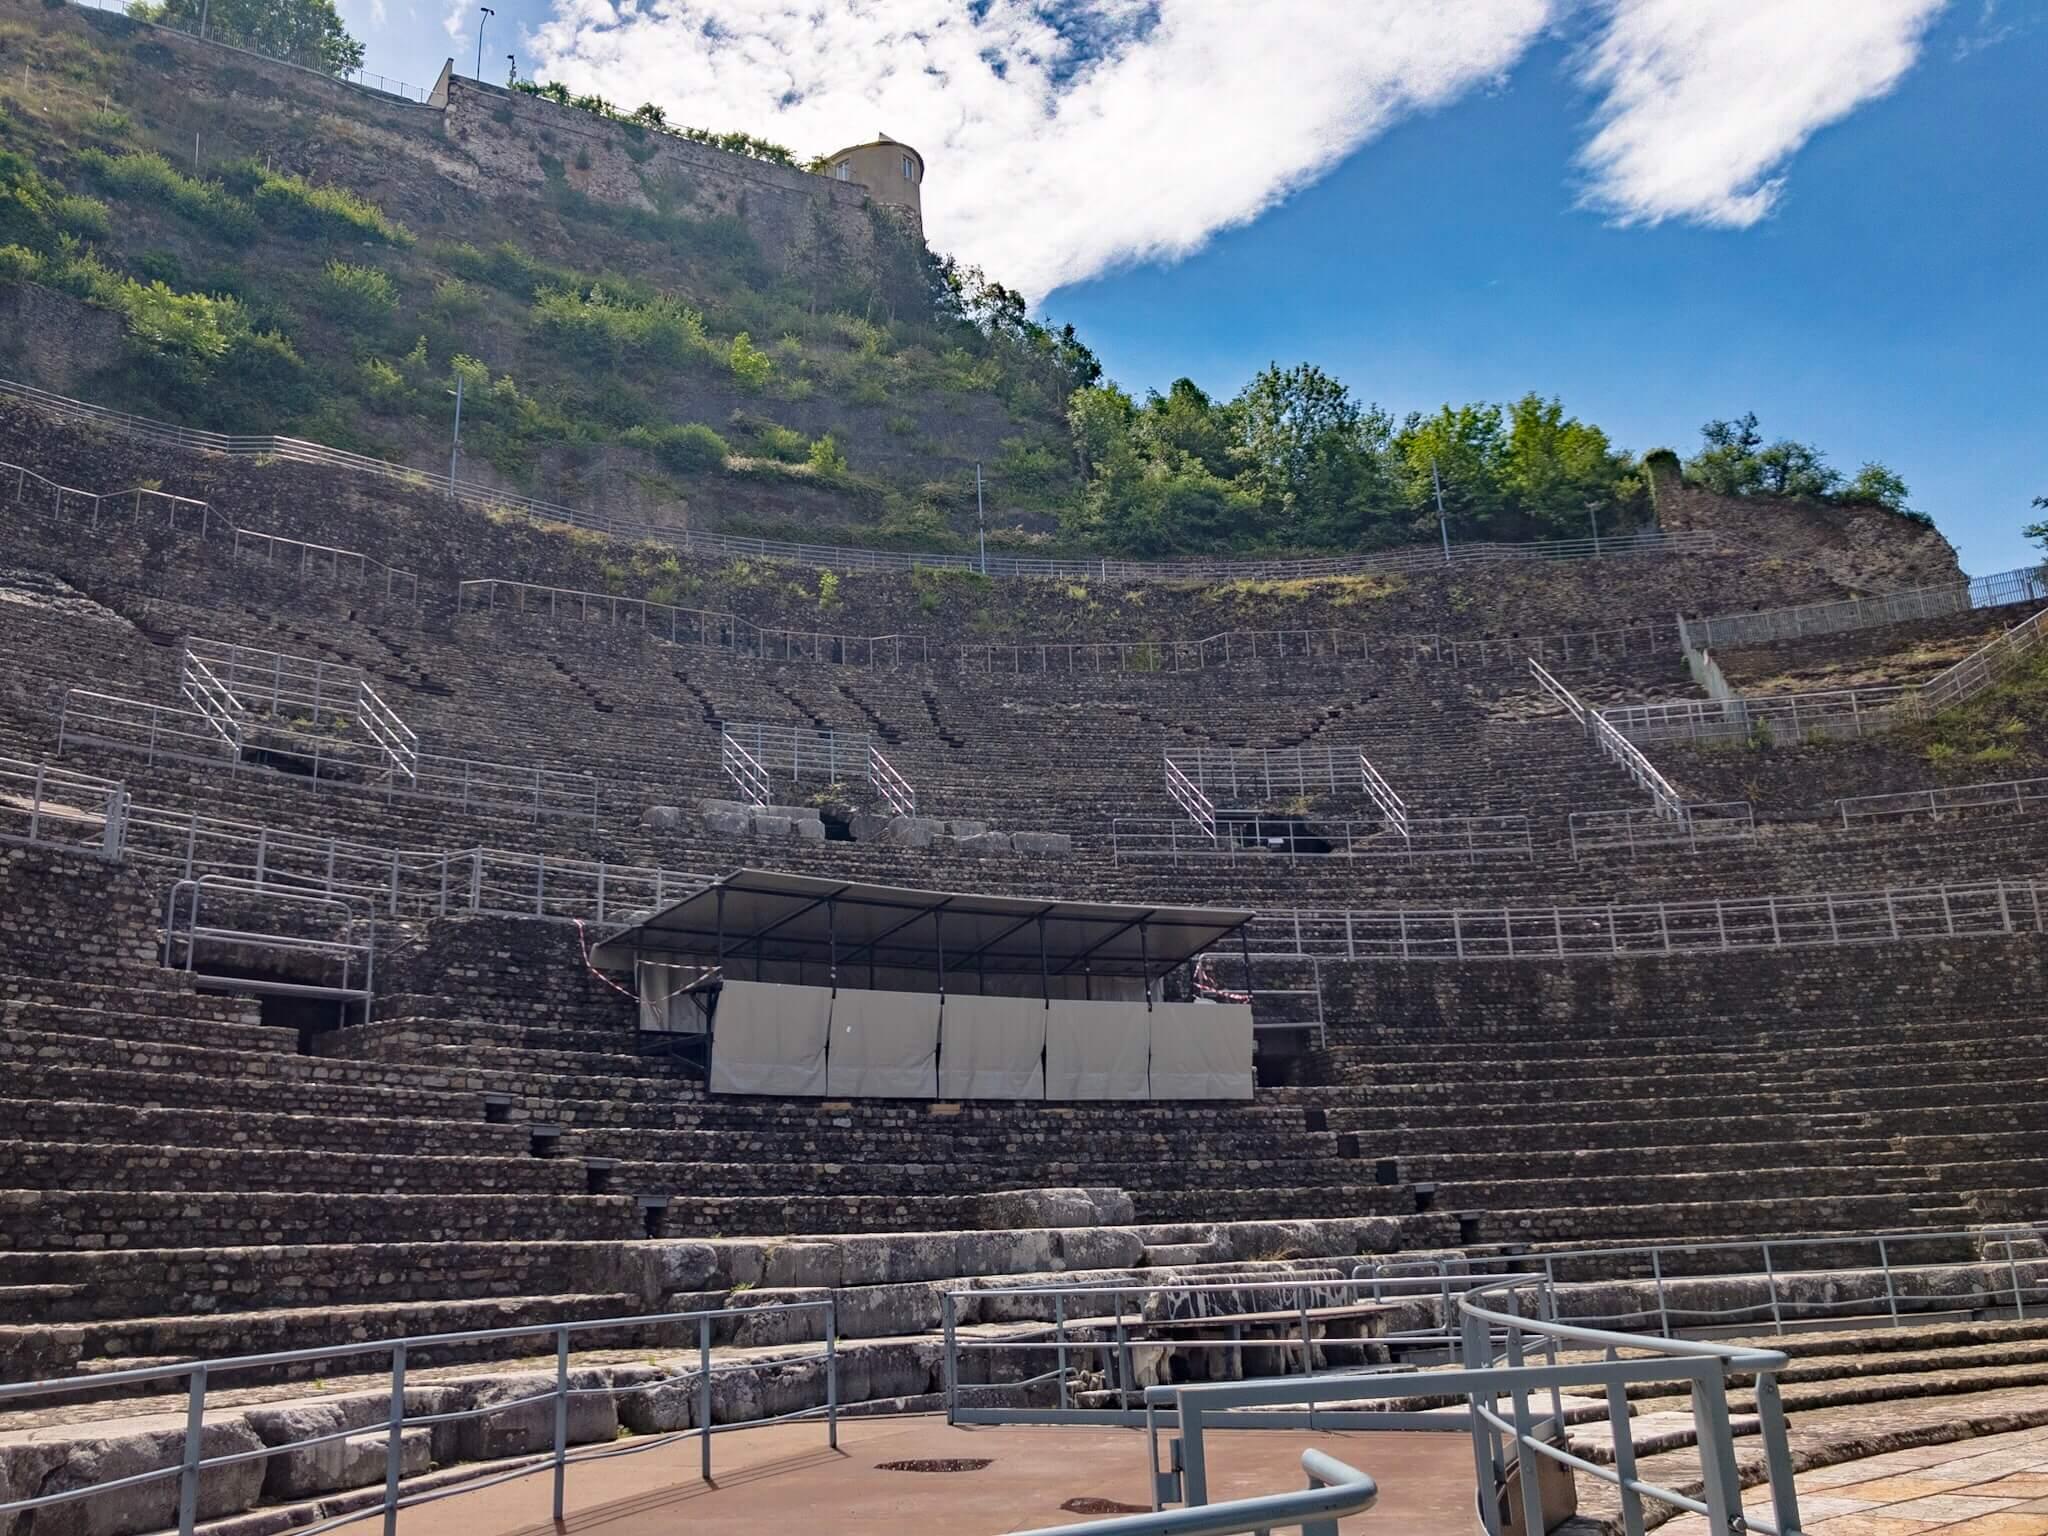 ヴィエンヌのローマ劇場跡